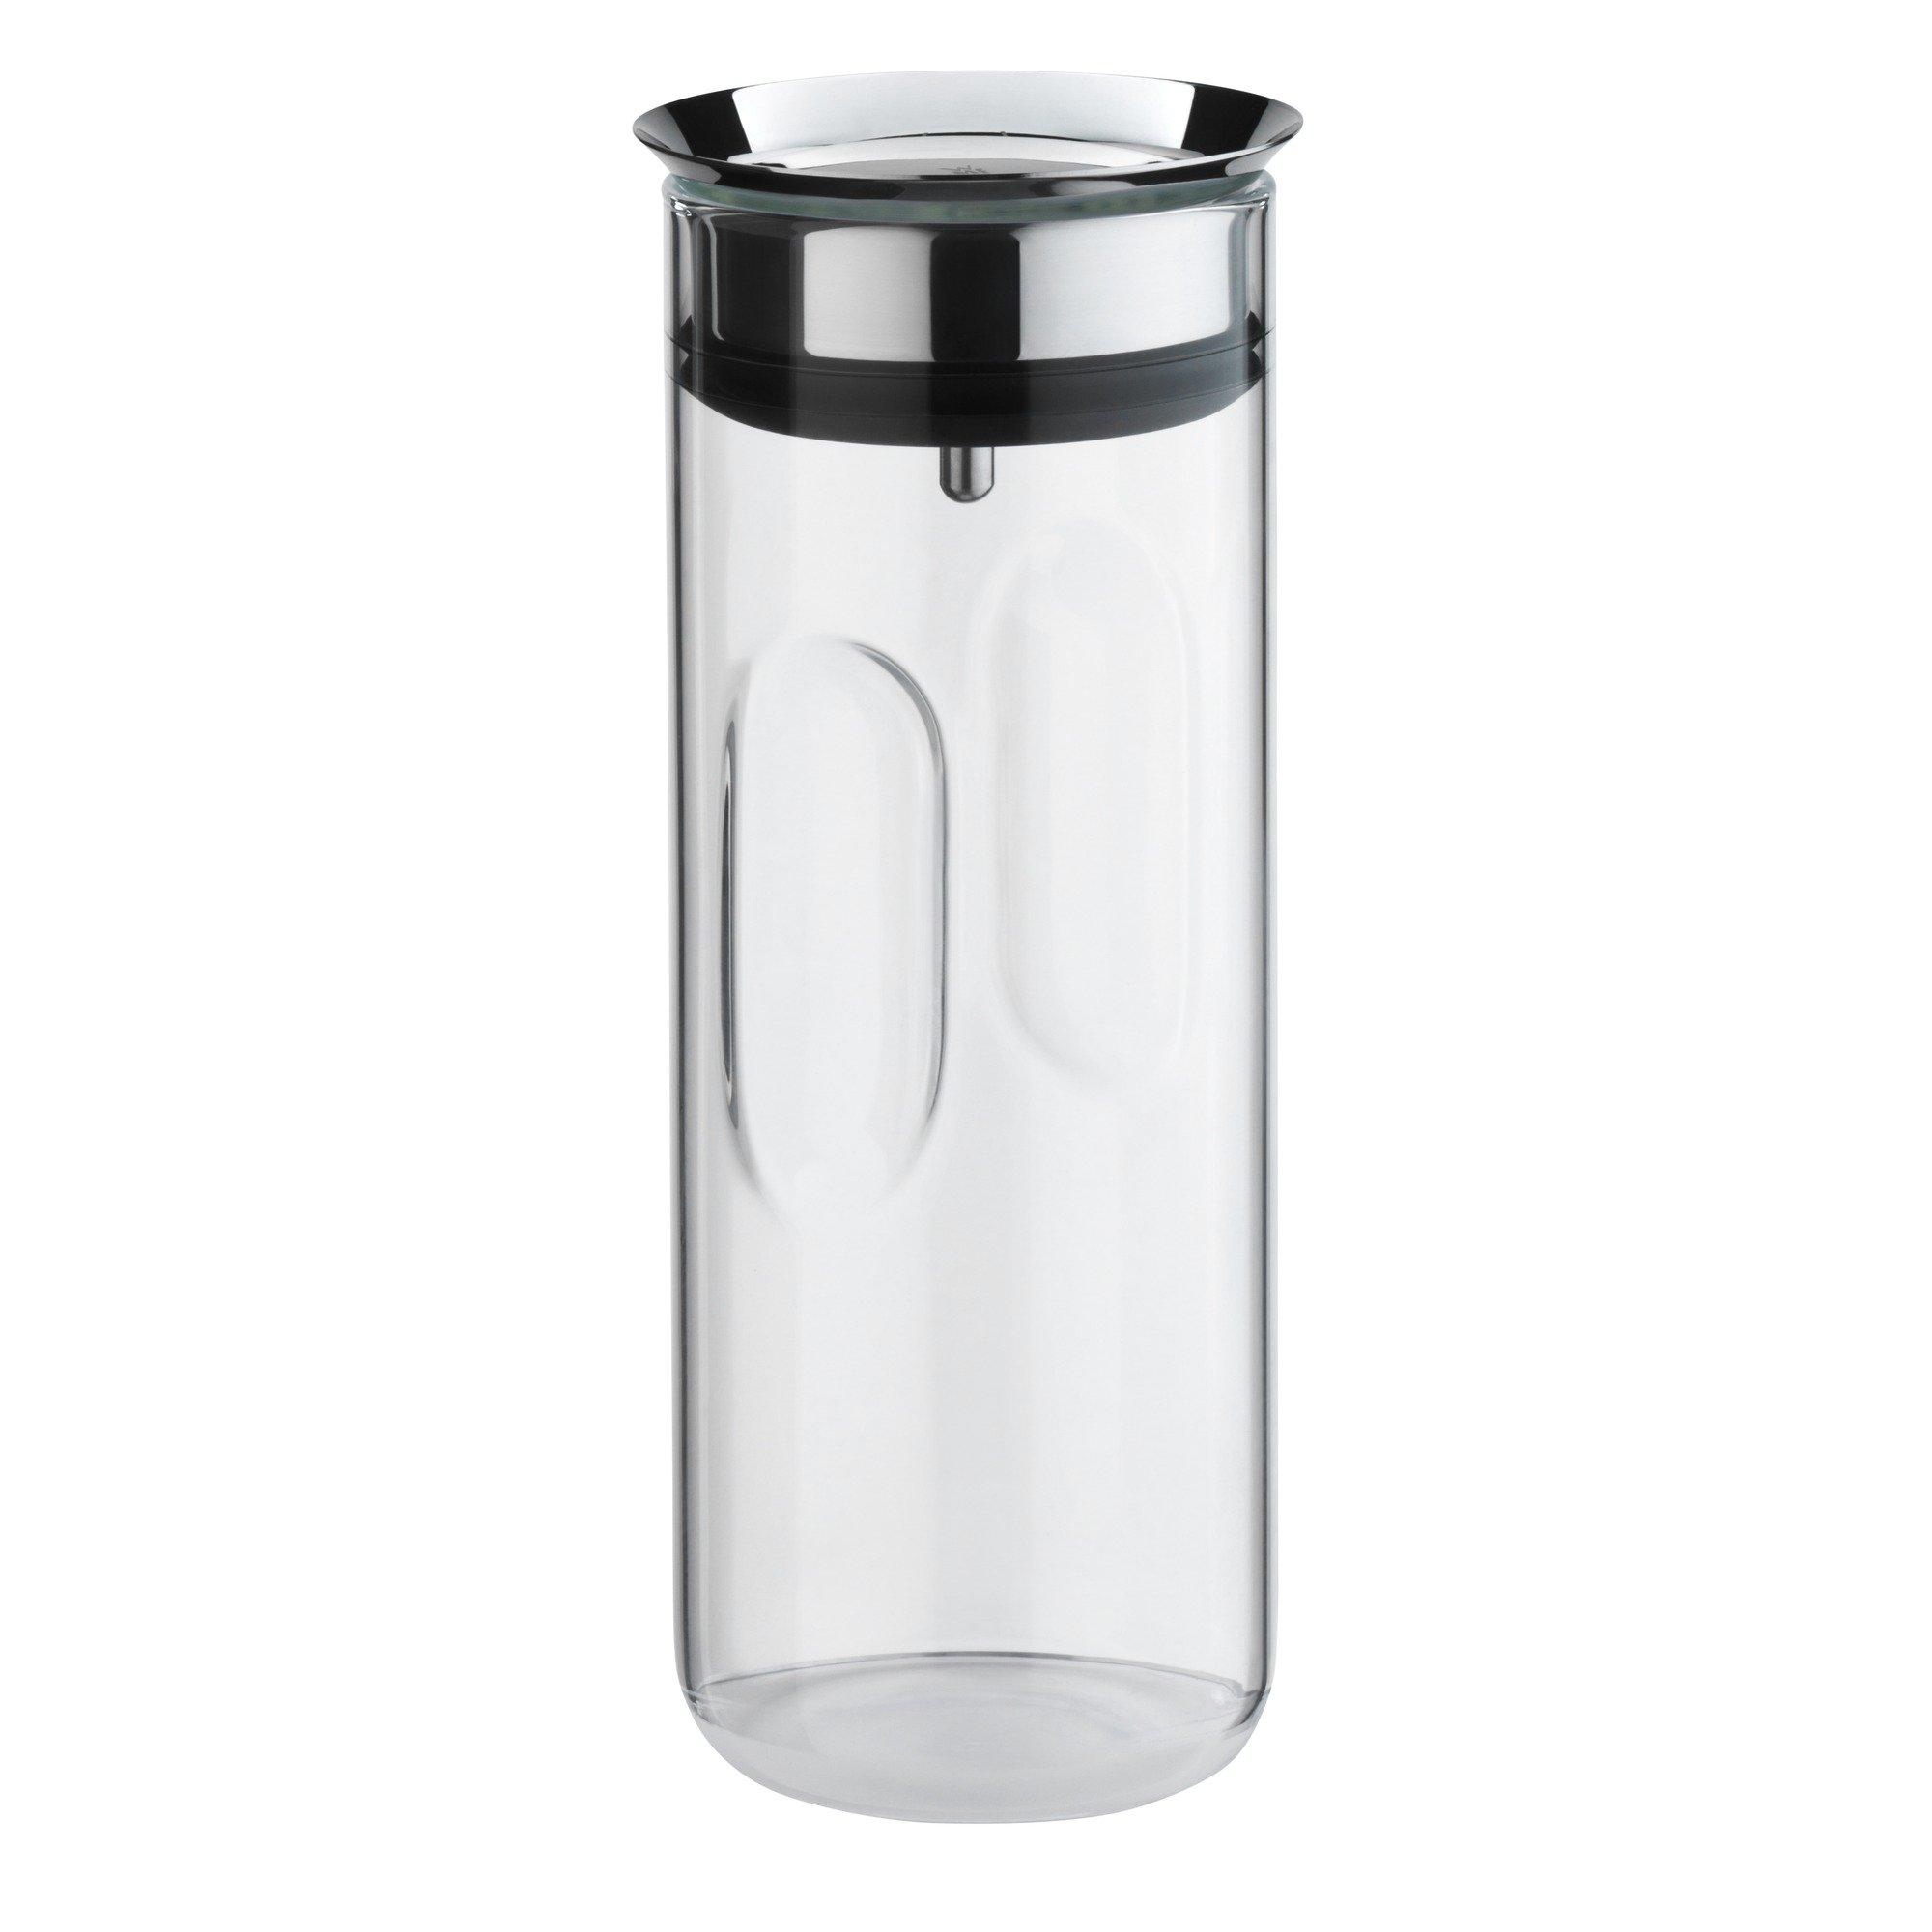 Wasserkaraffe 0,8 l